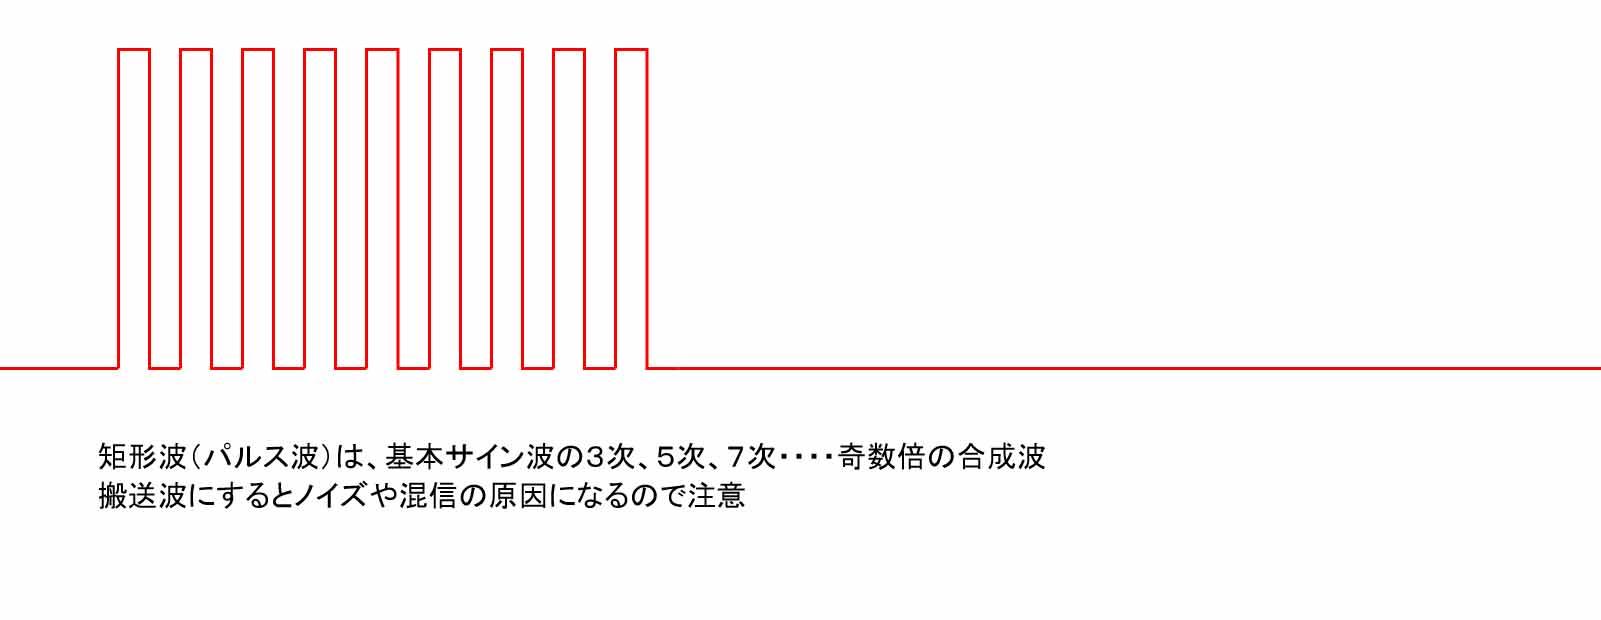 esp32_denpa_02.jpg